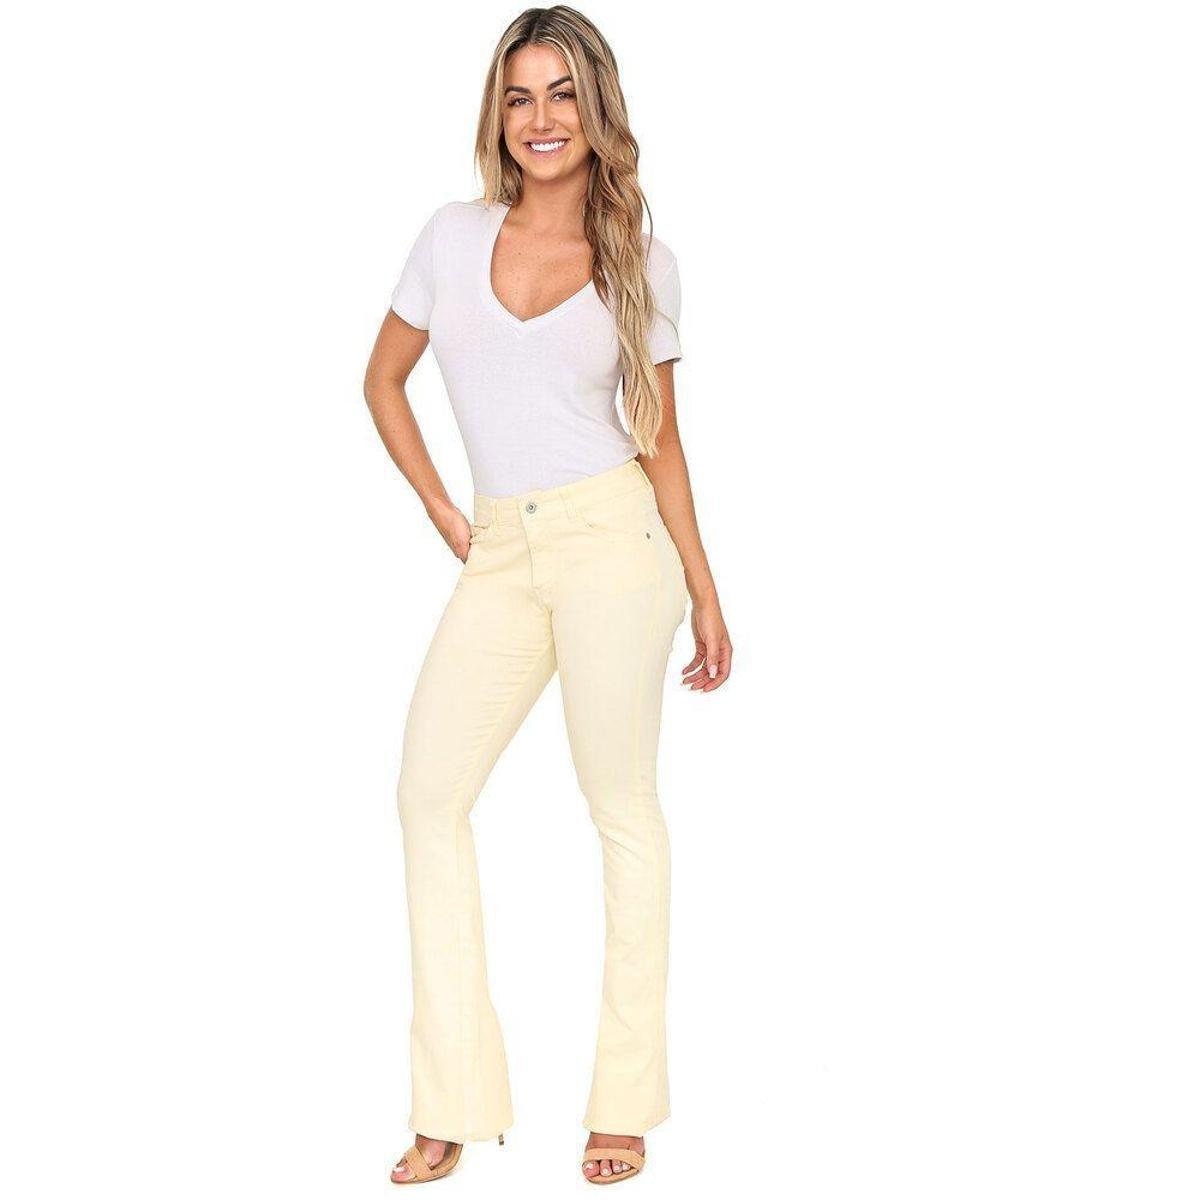 Calça Jeans Bloom Taty Flare Canário Feminina - Amarelo